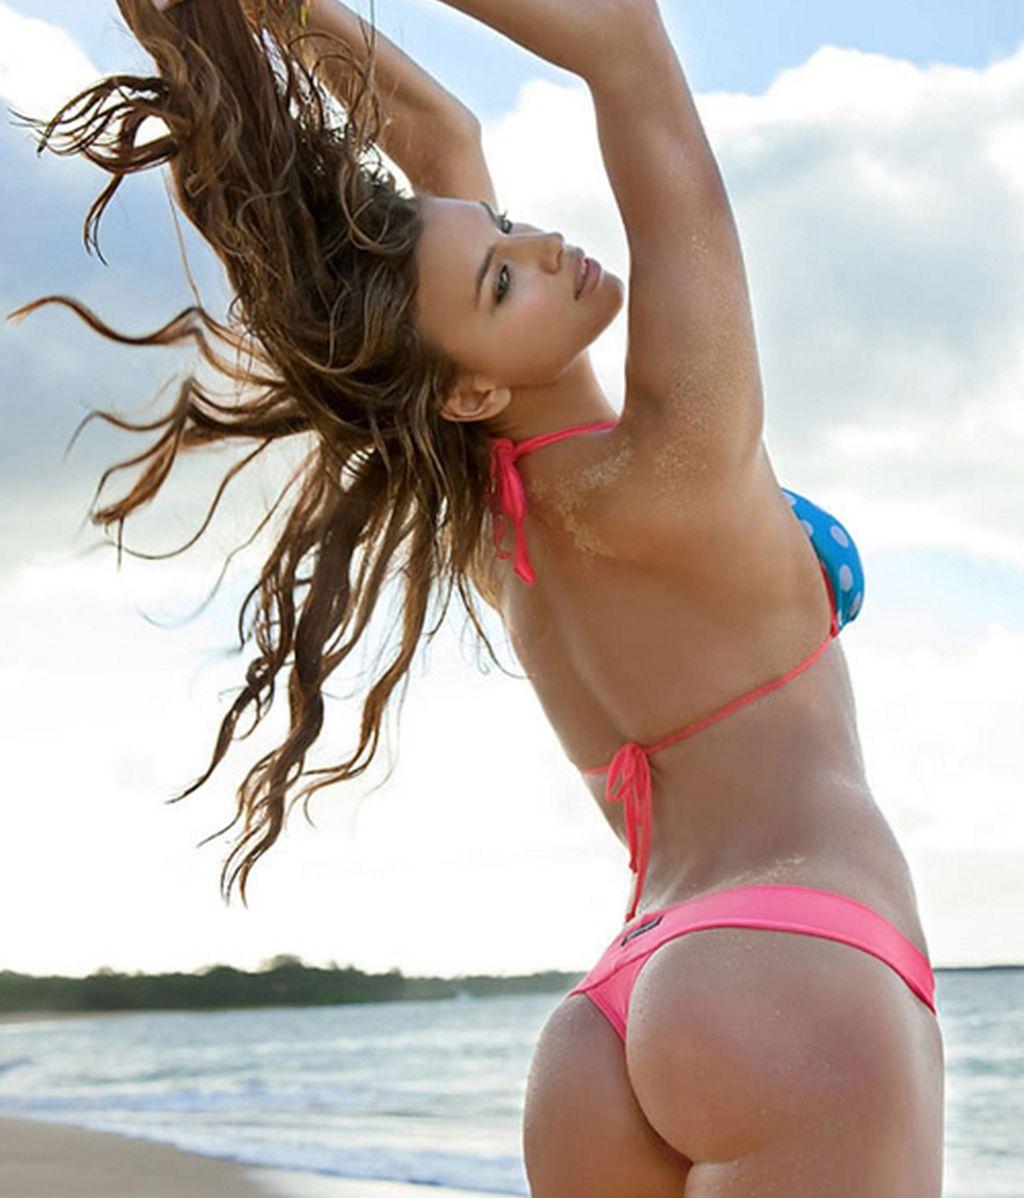 Sports Illustrated le quita el bikini a Irina Shayk, la novia de Cristiano Ronaldo